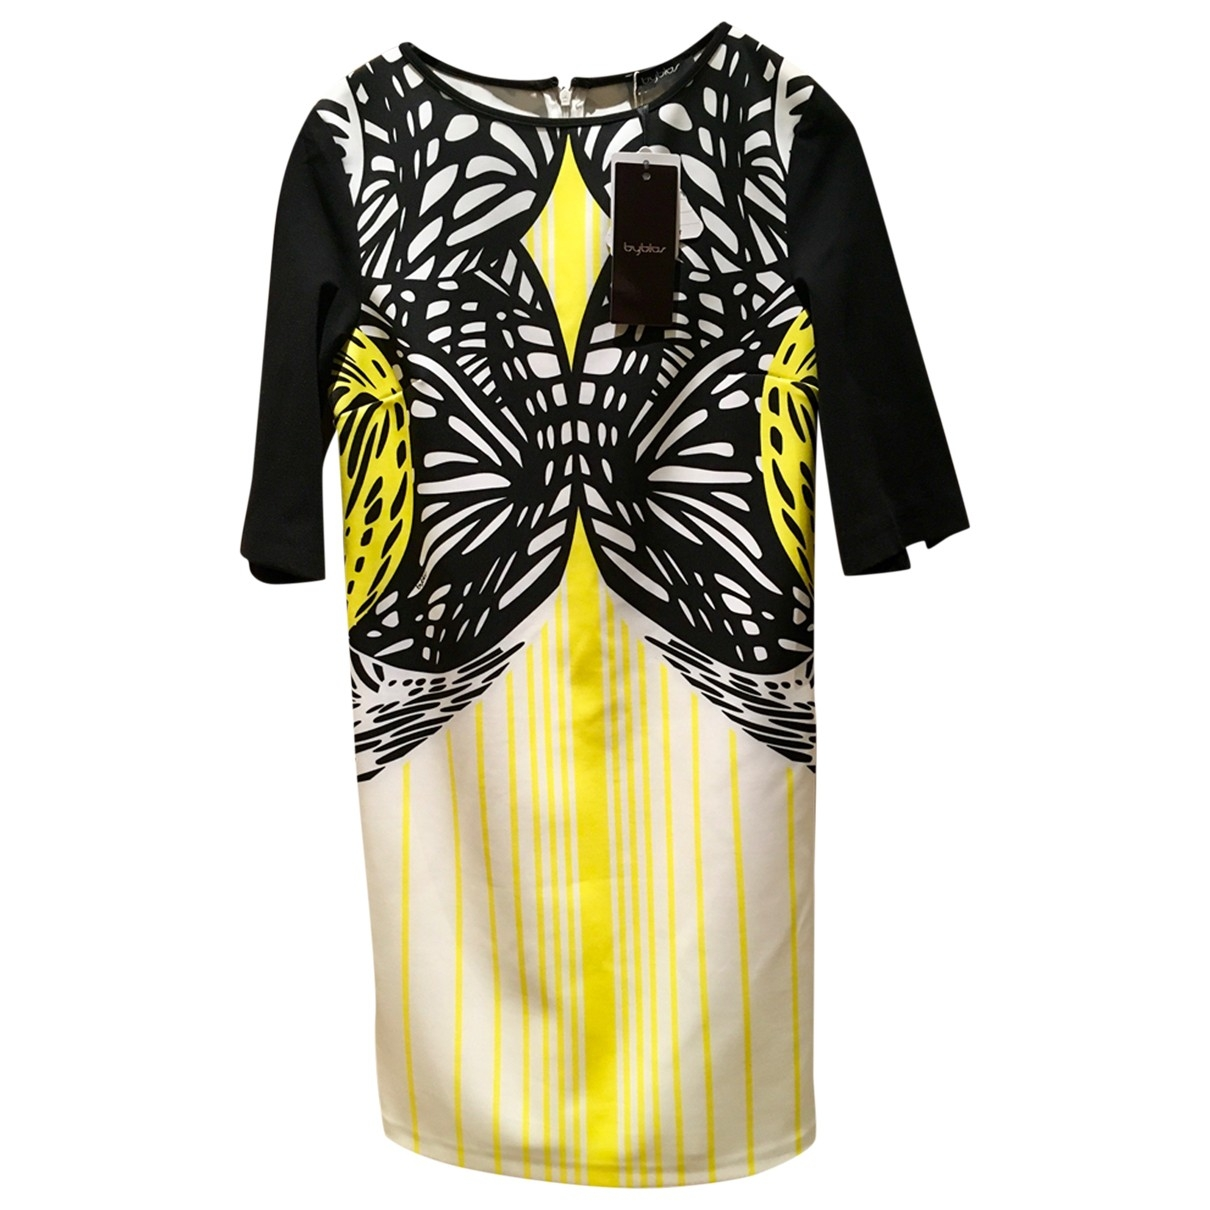 Byblos \N Yellow dress for Women 40 IT